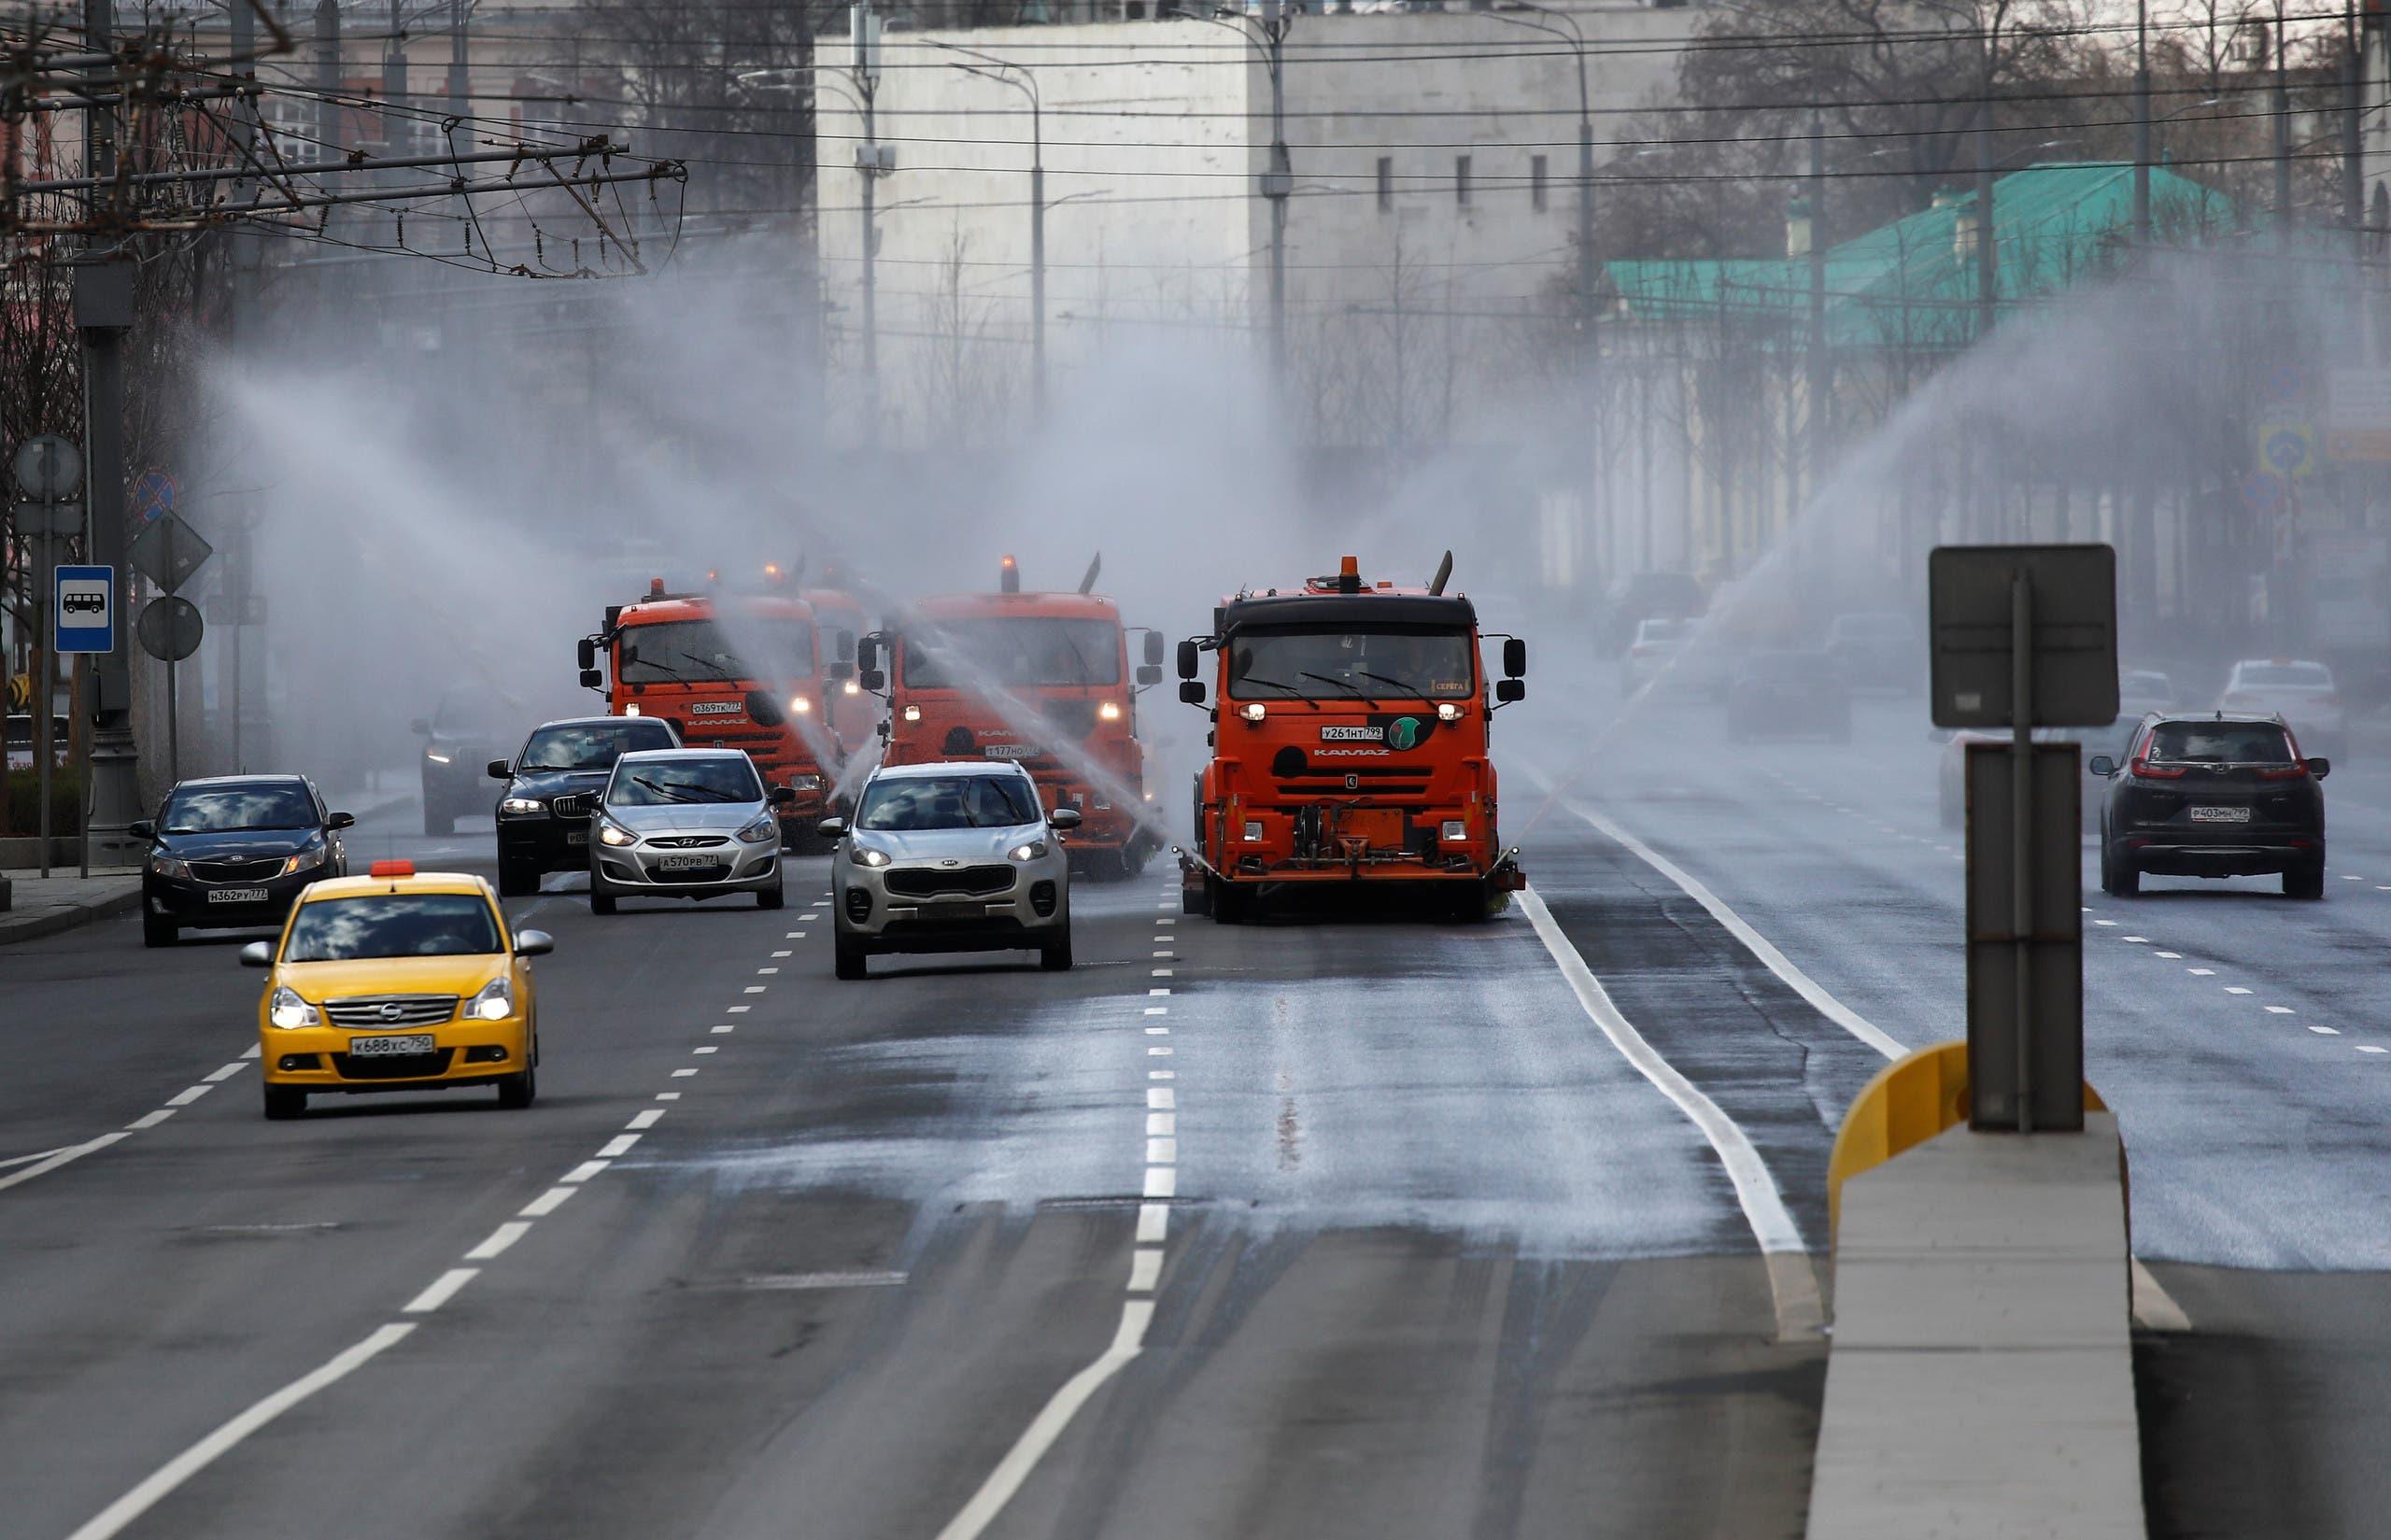 تعقيم طرقات في موسكو (12 أبريل 2020- رويترز)